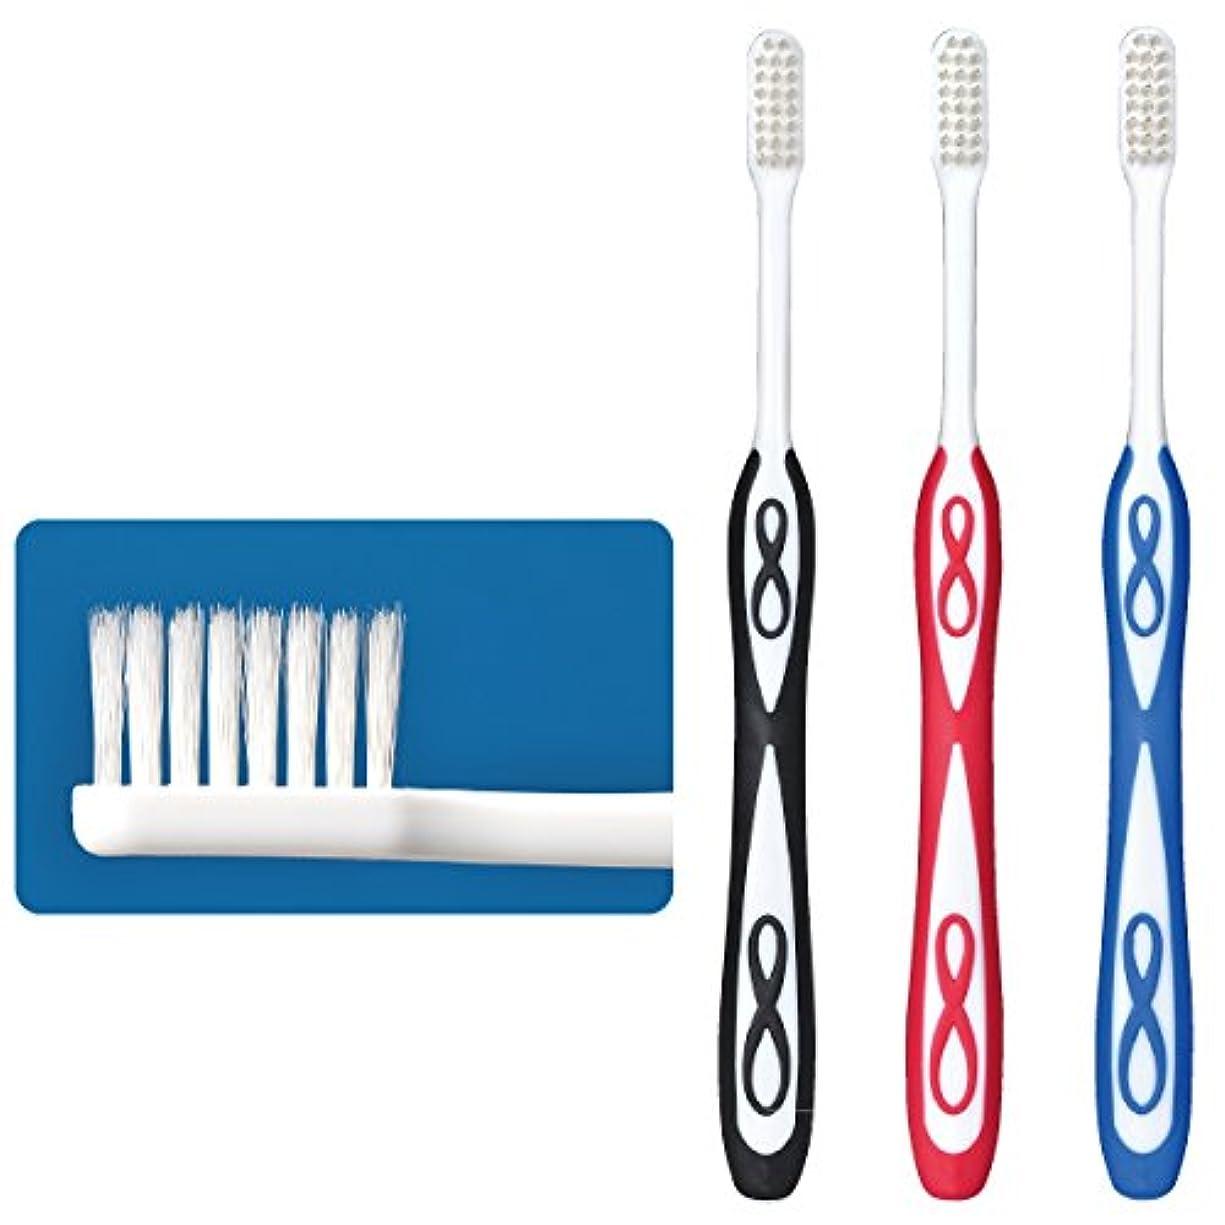 取り除くジャニスかすれたLover8(ラバーエイト)歯ブラシ レギュラータイプ オールテーパー毛 Mふつう 30本入